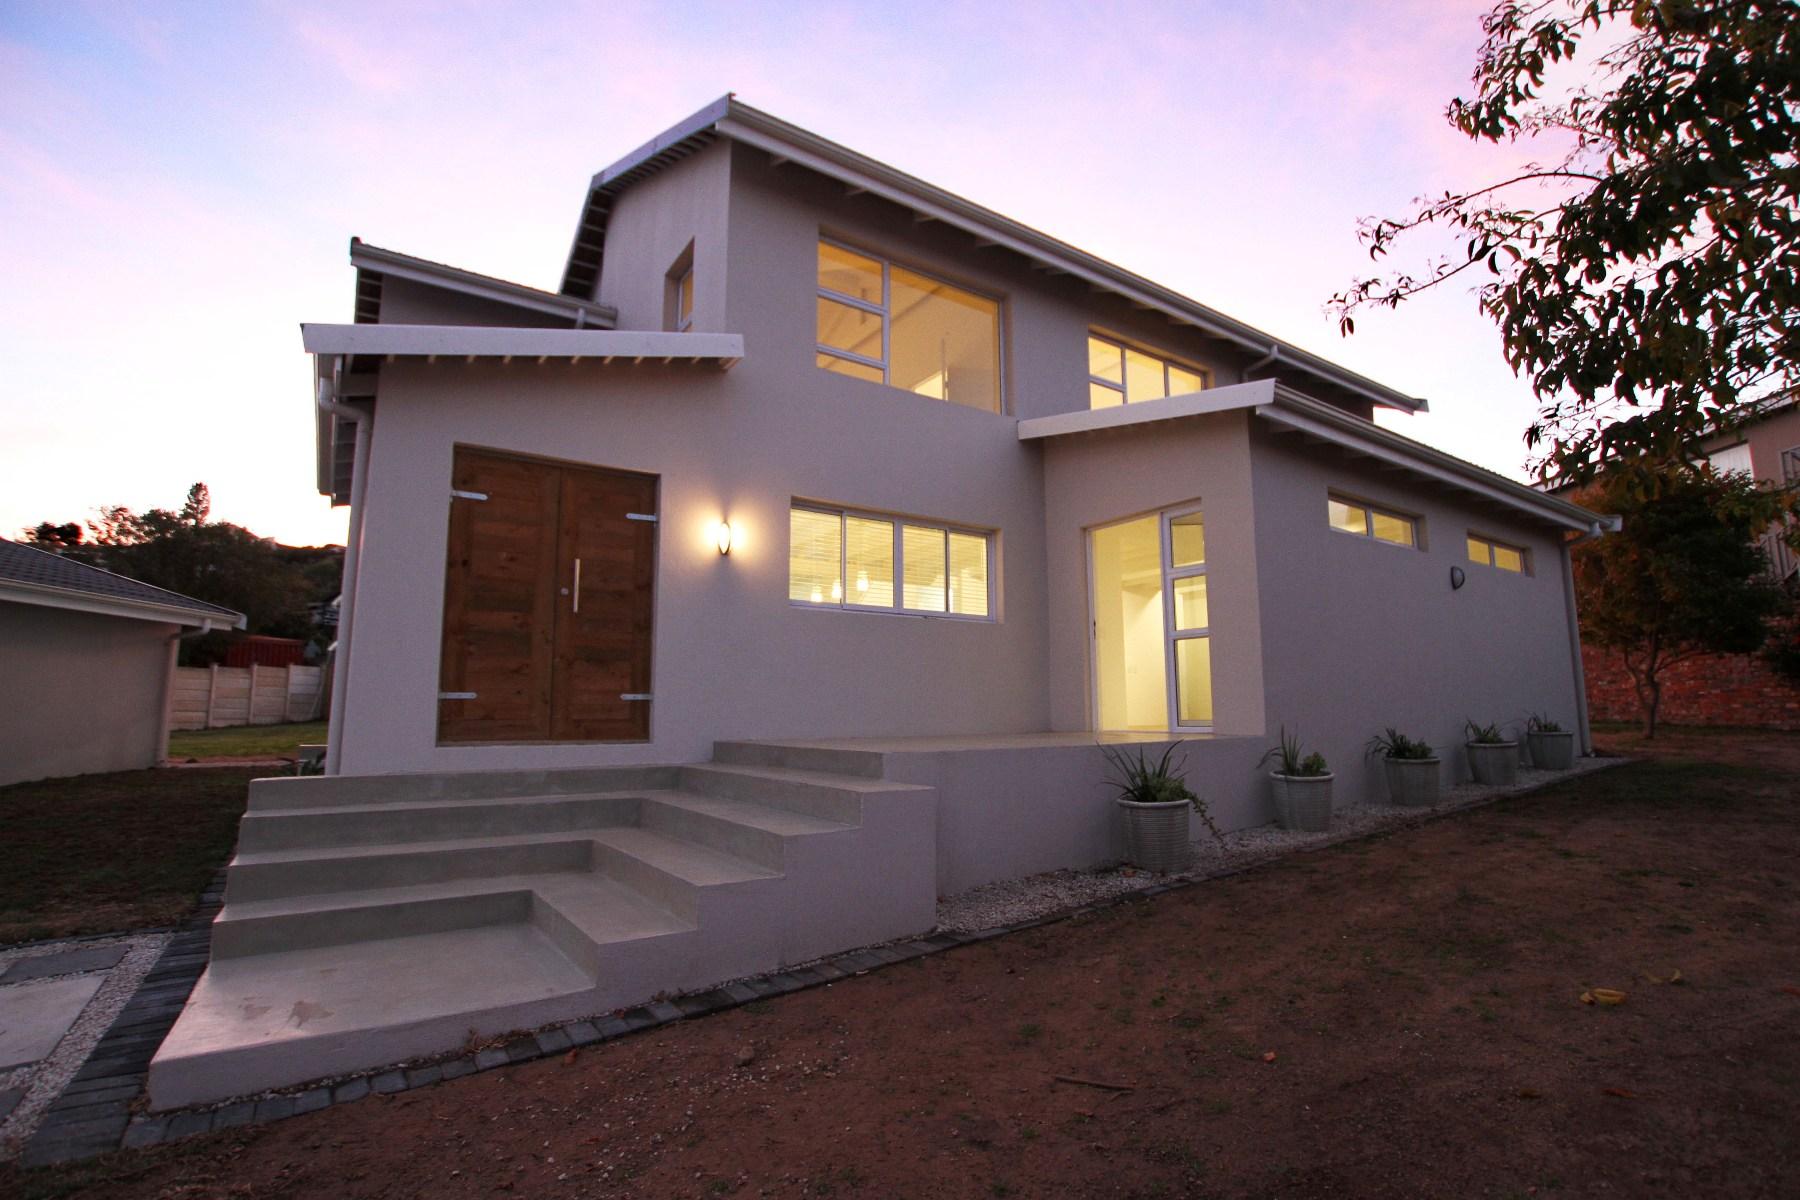 独户住宅 为 销售 在 3 Bedroom Family Home 普利登堡港, 西开普省, 6600 南非